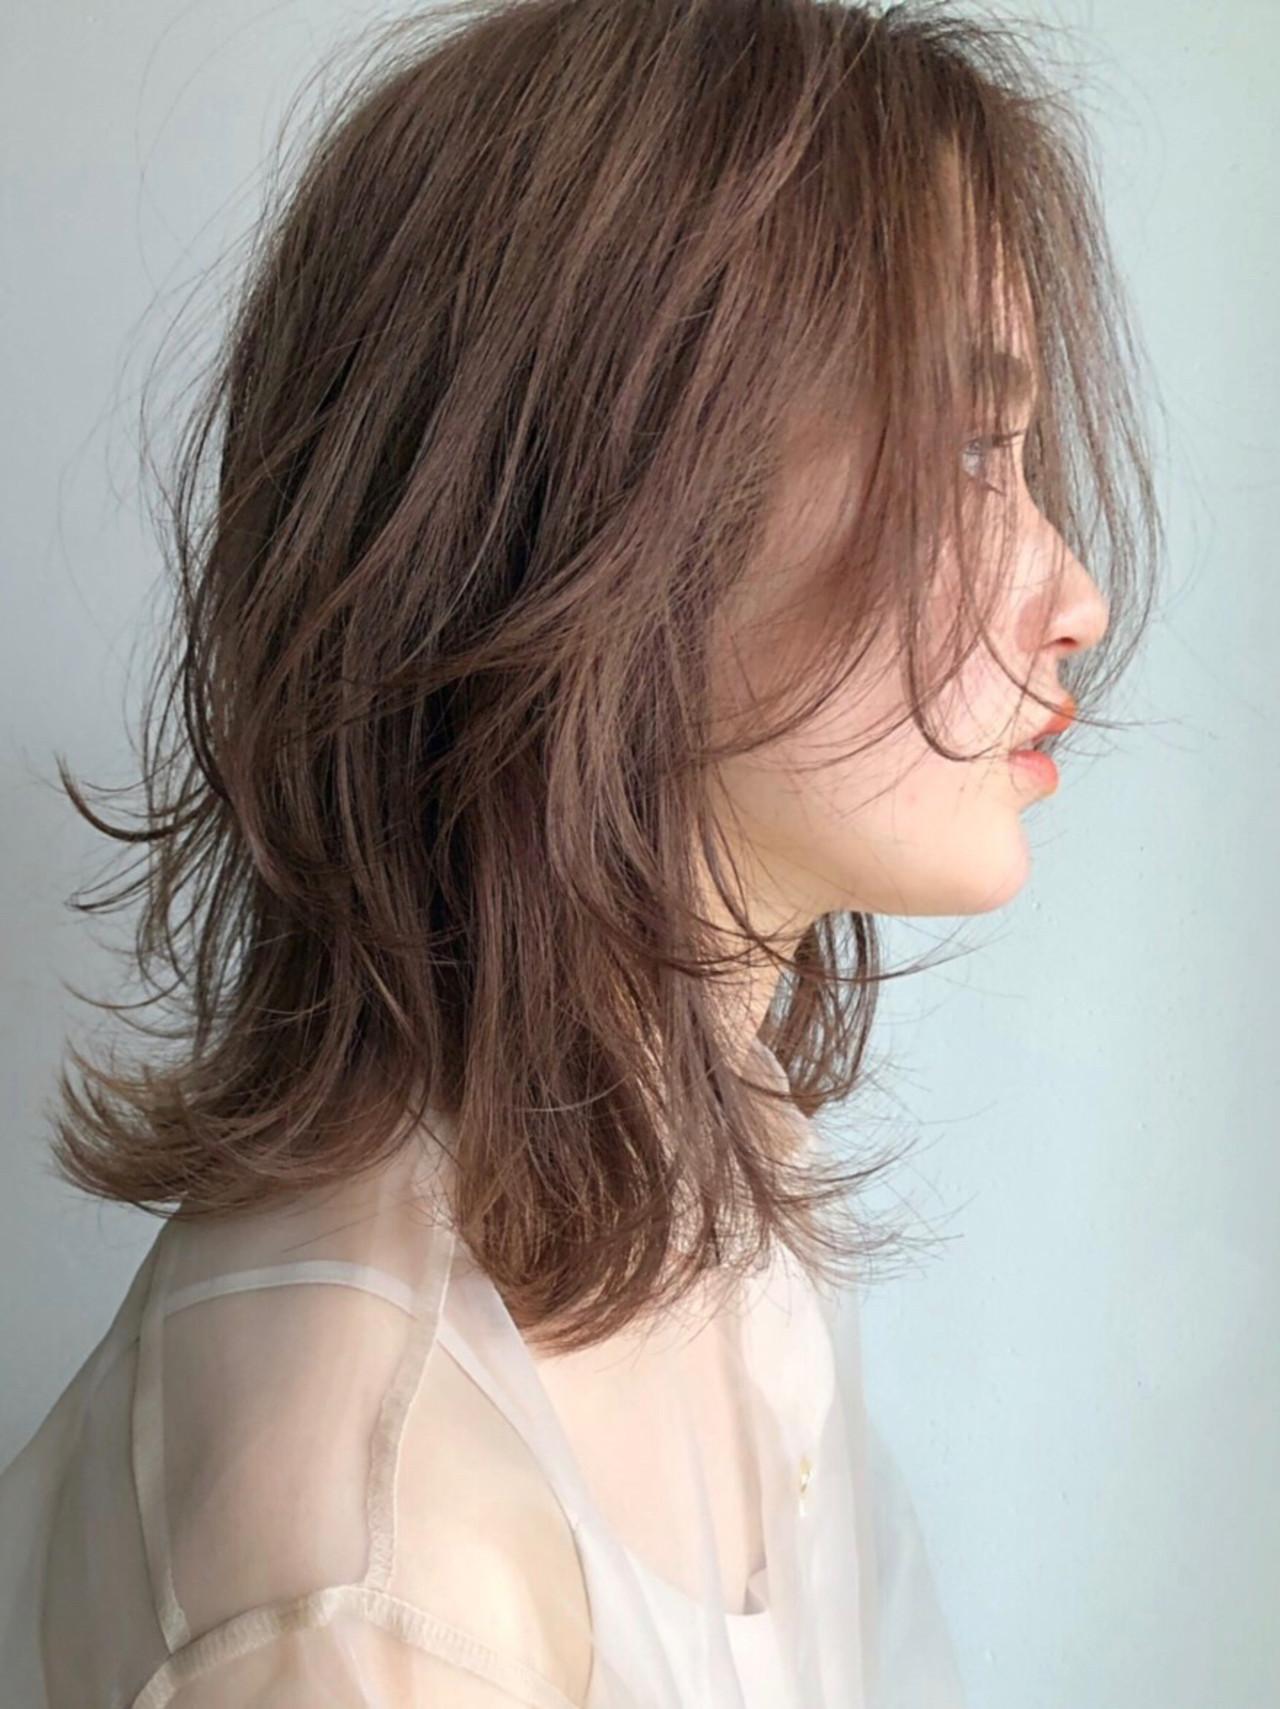 ナチュラル ミディアム デート アウトドア ヘアスタイルや髪型の写真・画像 | NAVY chums 久留米 / NAVY